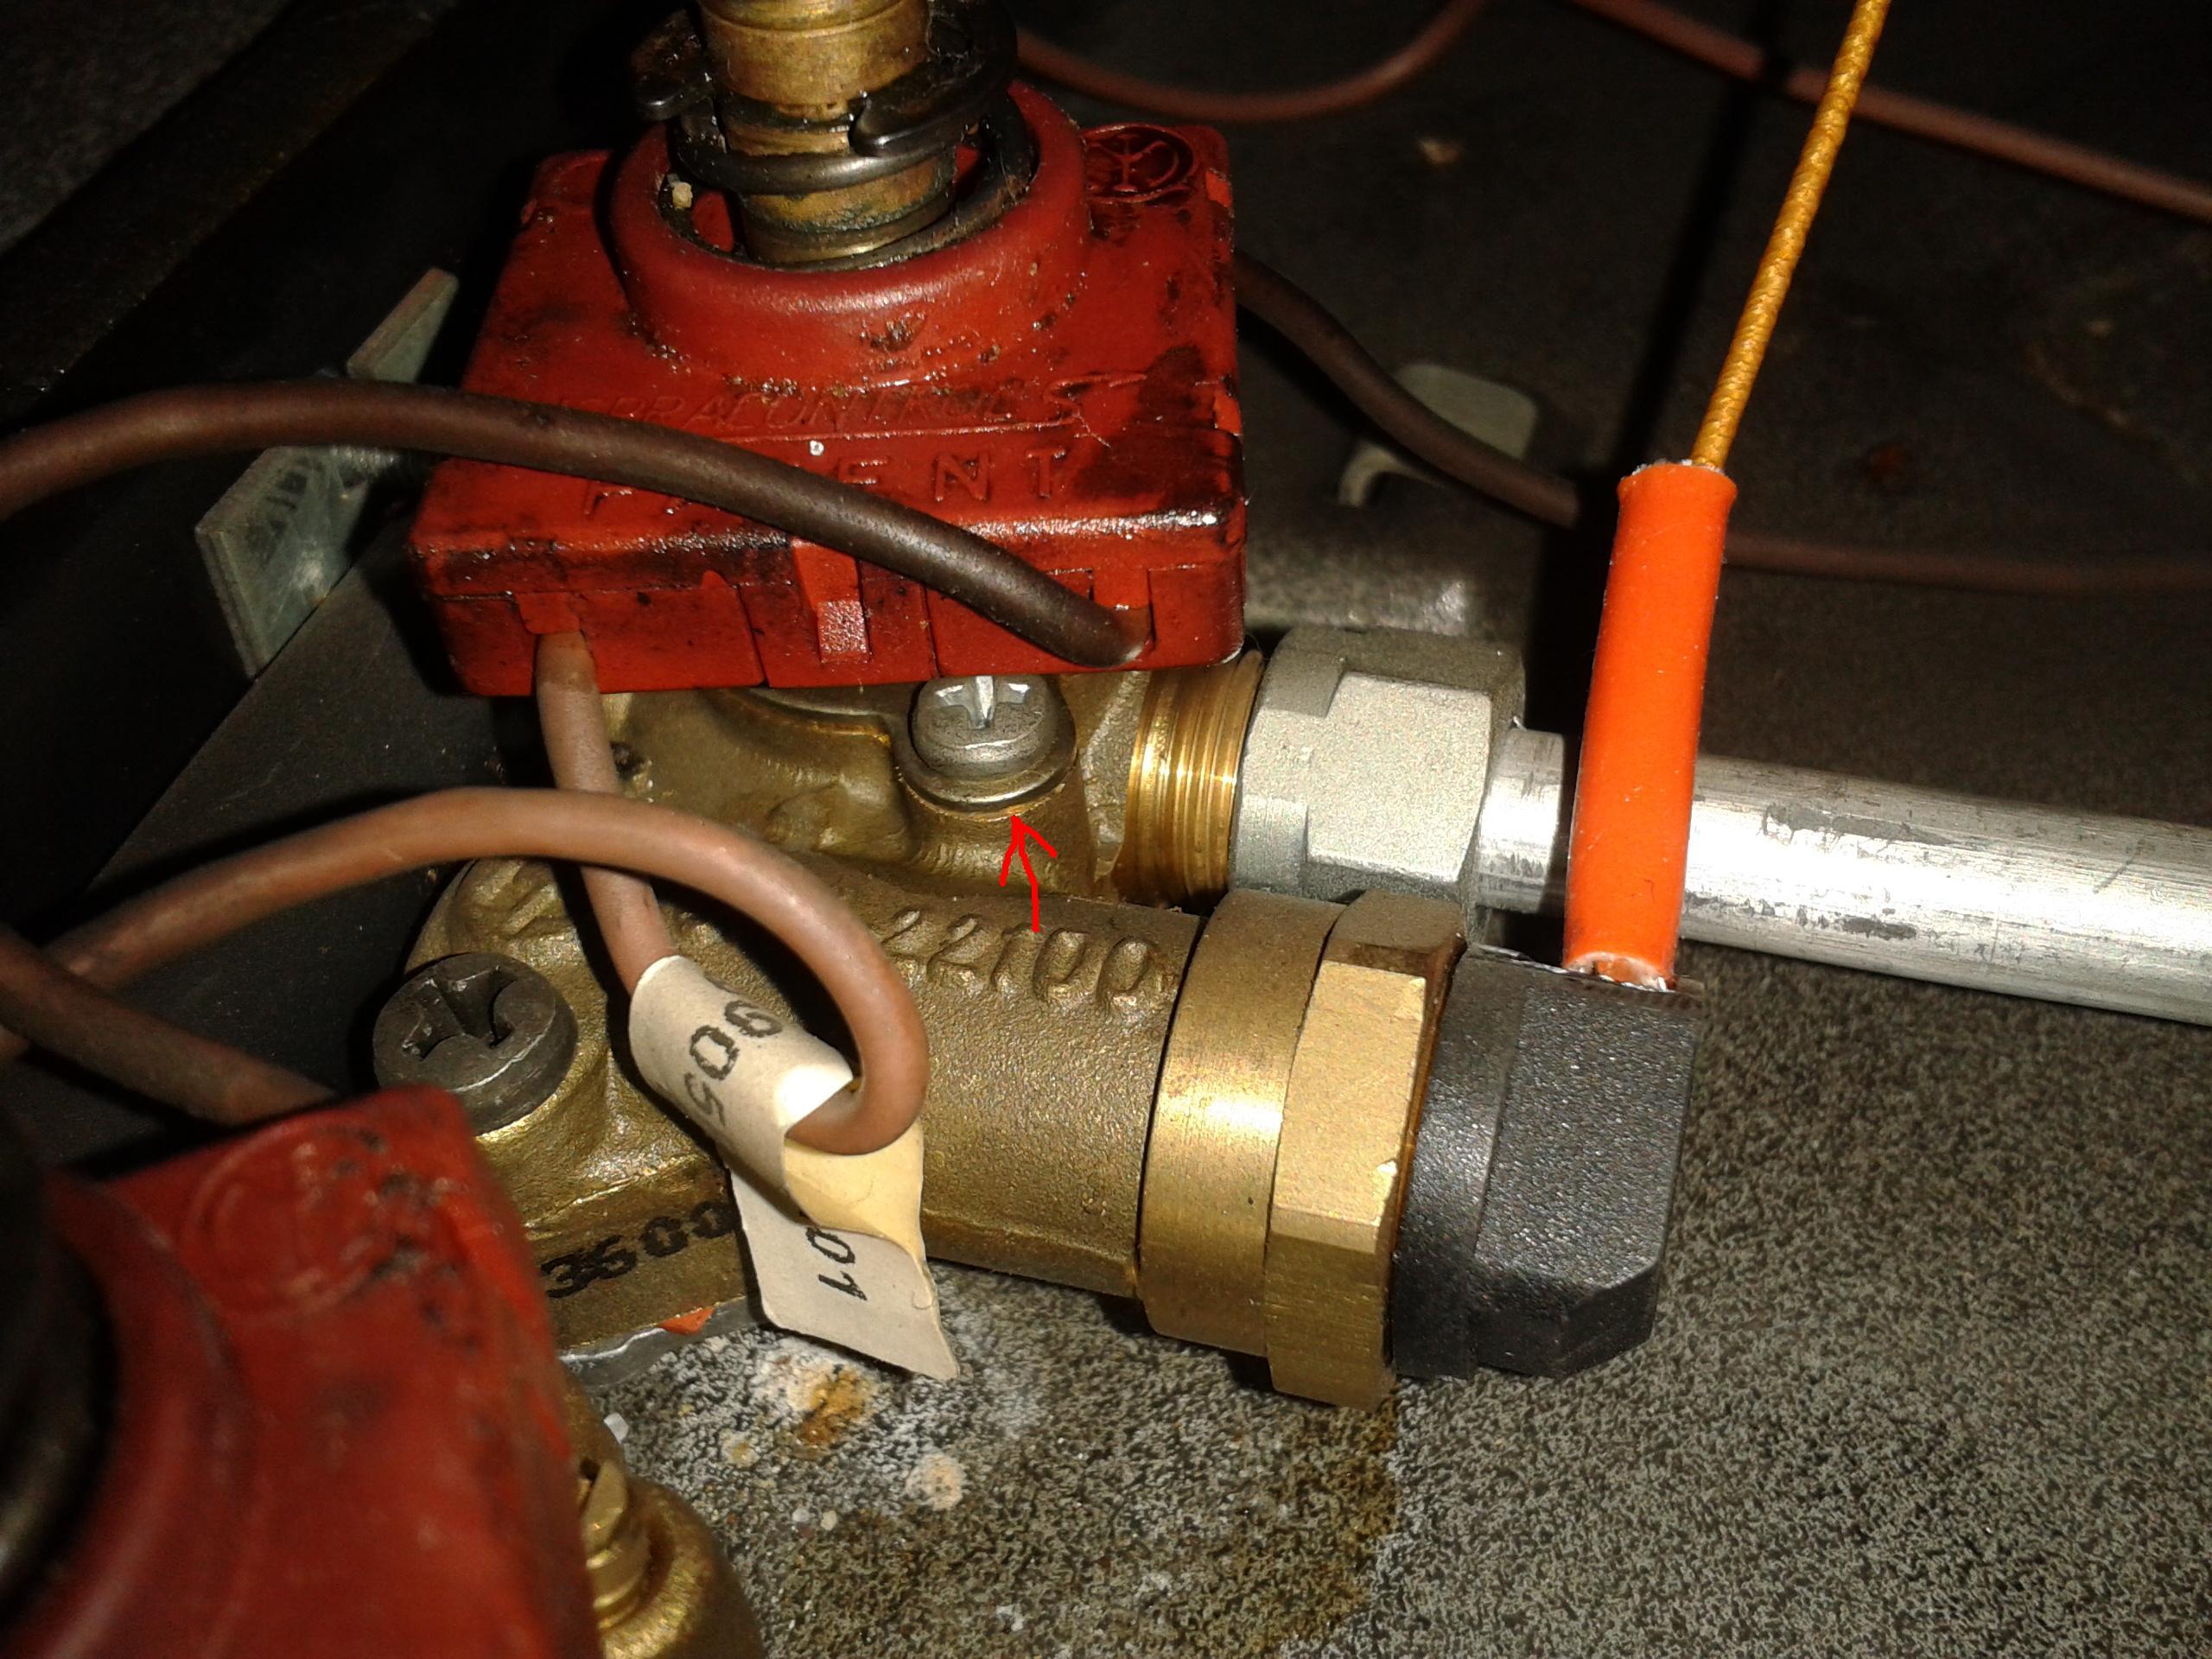 AMICA PMG 2.0 ZpZtR kuchenka g - Wymiana termopary z 1 przewodem na 2 przewodow�